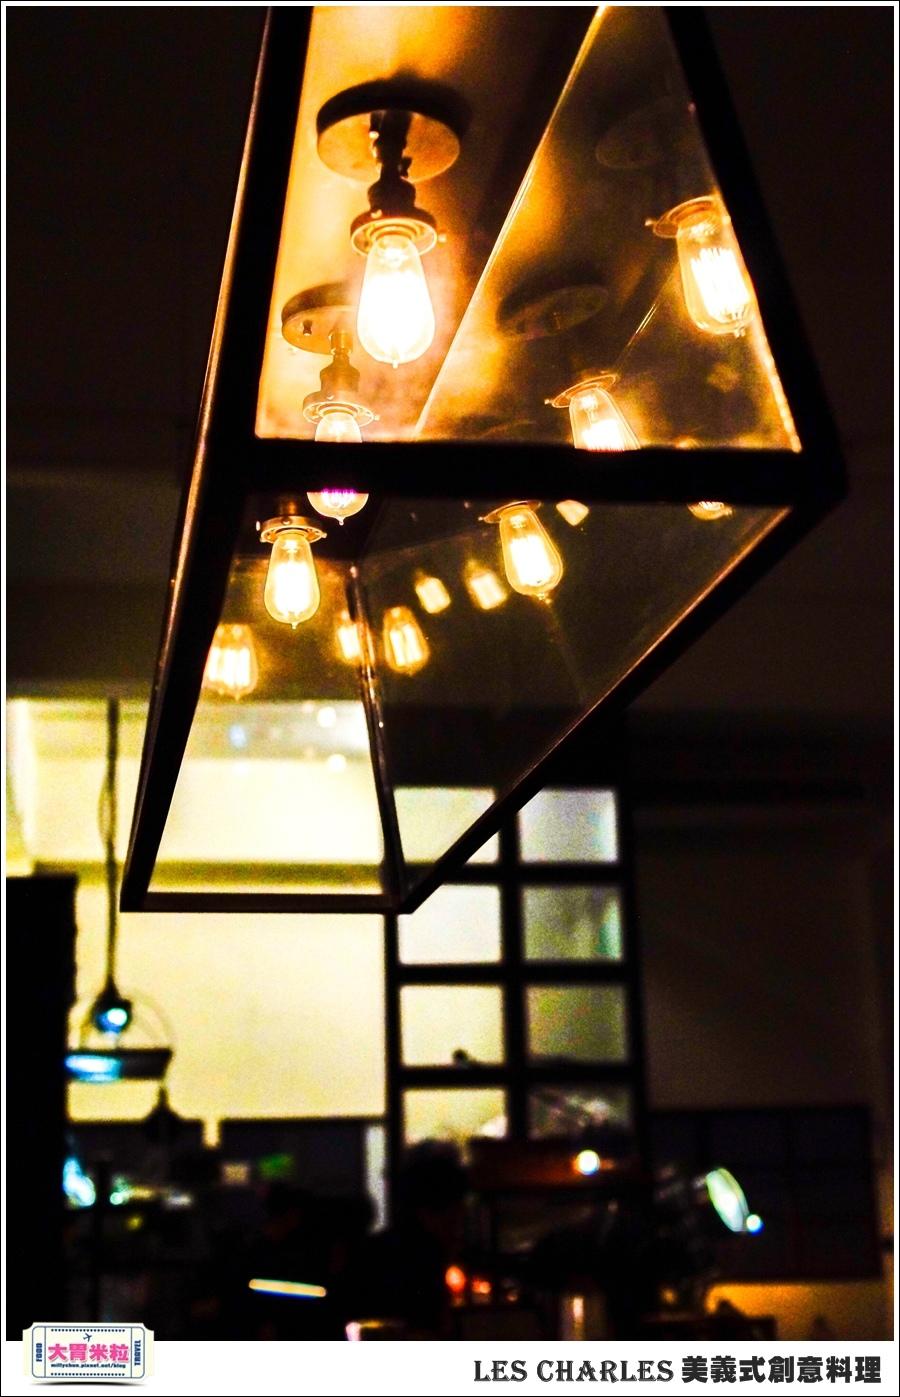 高雄Les Charles美義式餐廳@查爾斯廚房@大胃米粒0012.jpg